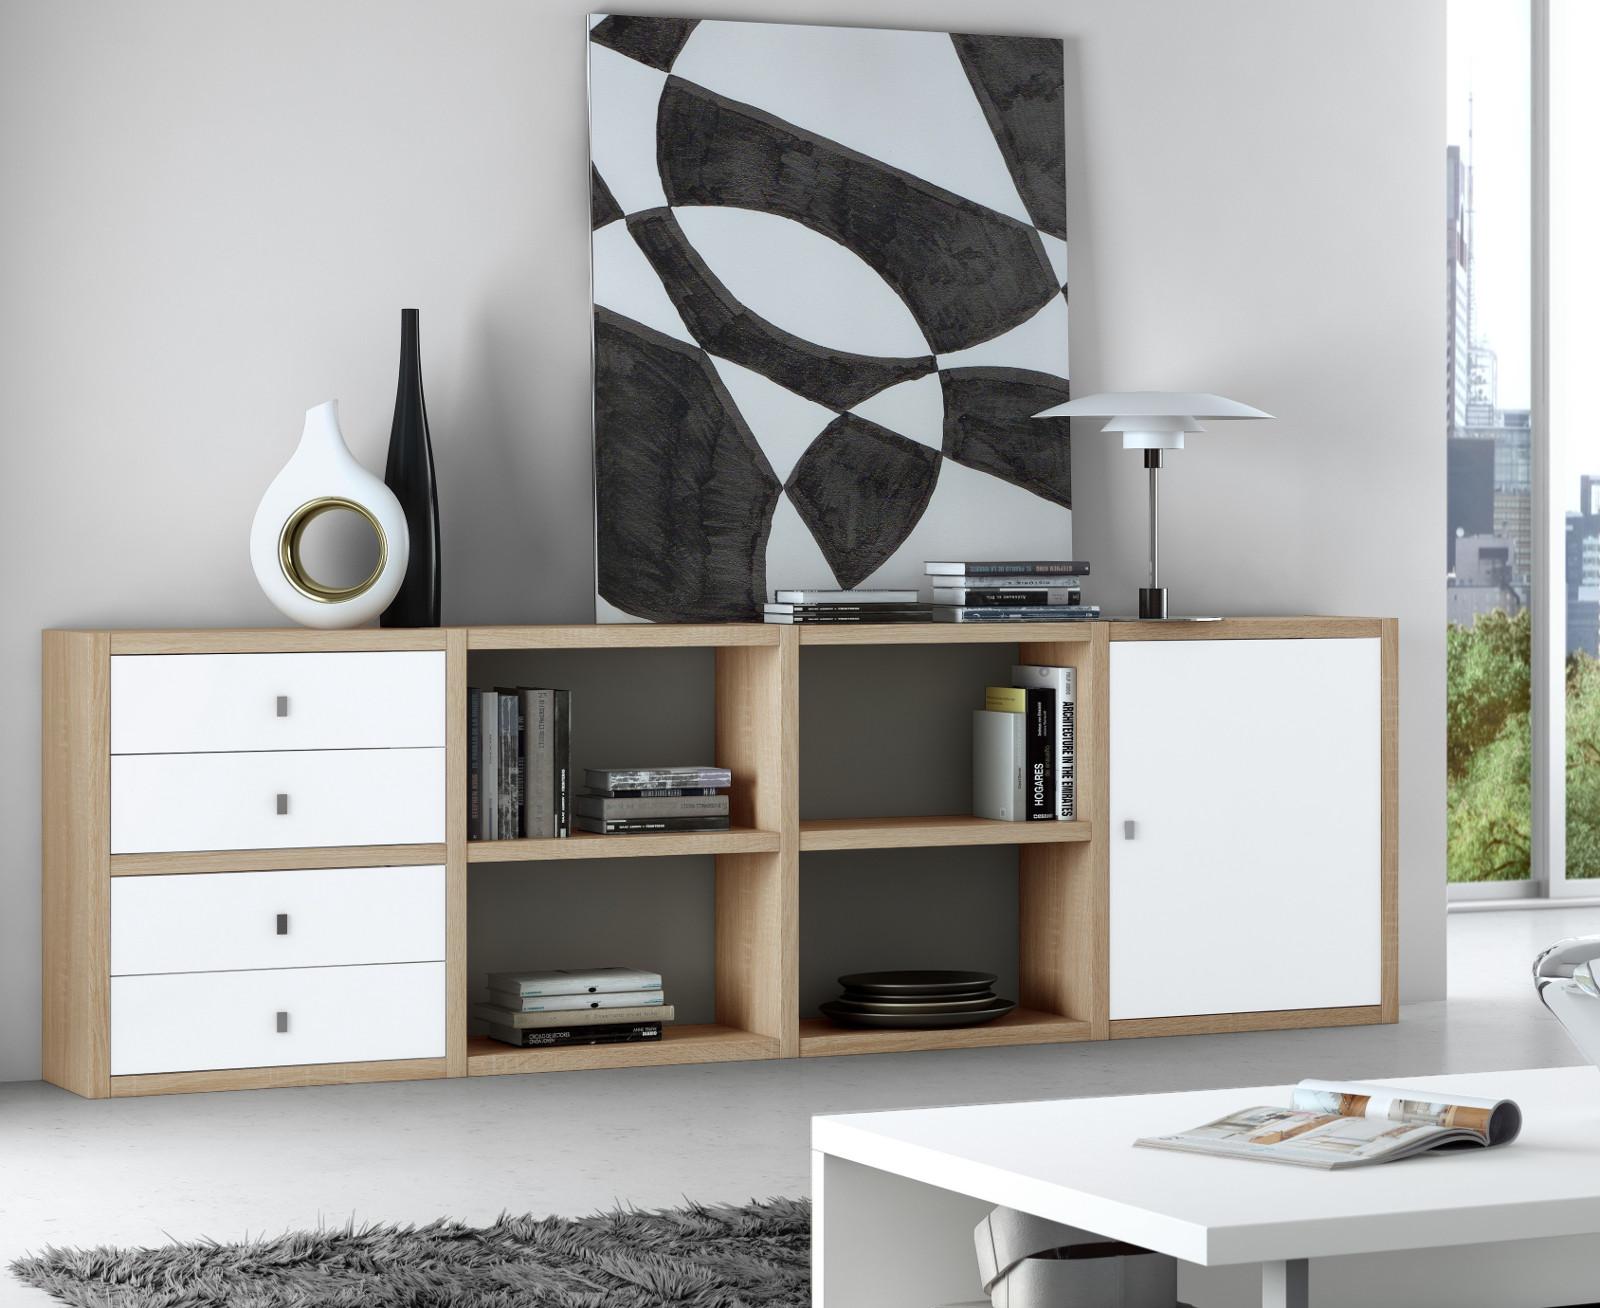 Sideboard Büchersideboard Lack Weiß Eiche Natur